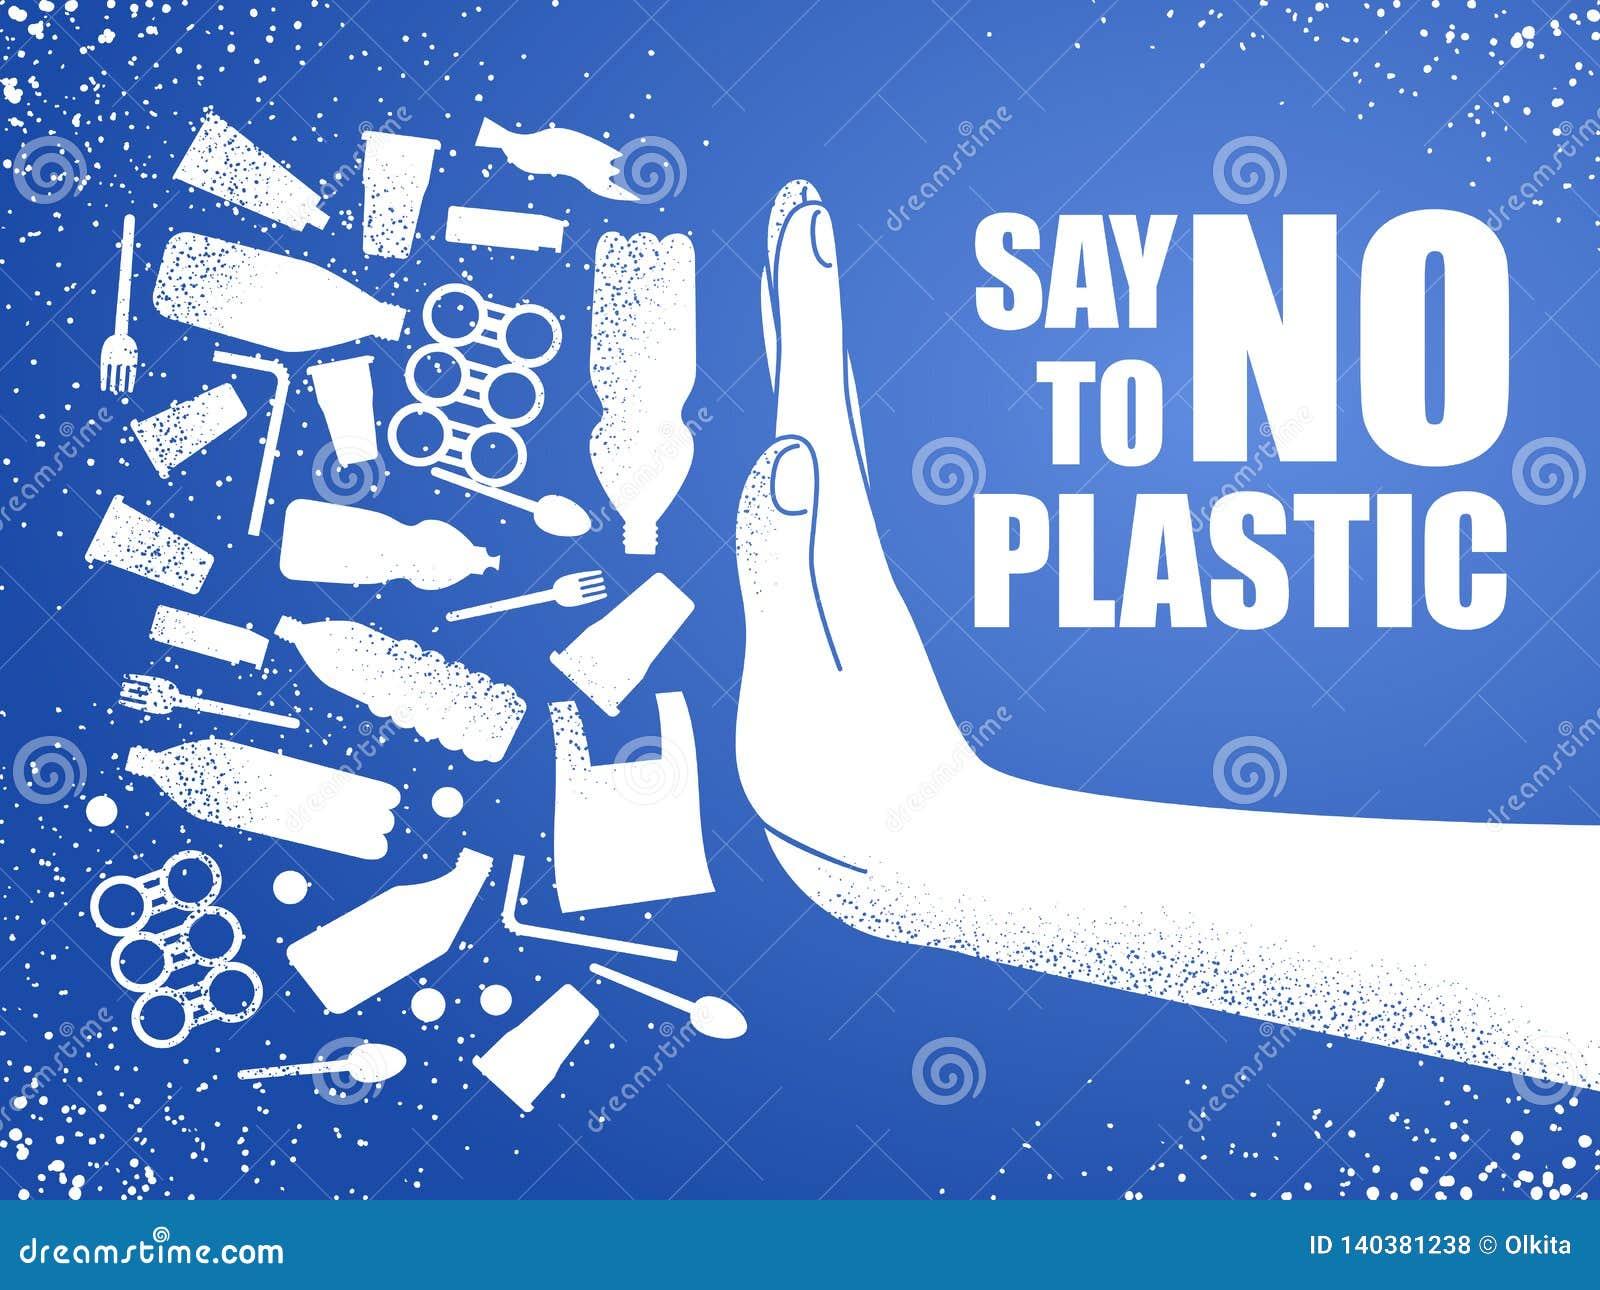 Πέστε το αριθ. στο πλαστικό Πλαστική ρύπανση προβλήματος οικολογική αφίσα Έμβλημα που αποτελείται από την άσπρη πλαστική τσάντα,